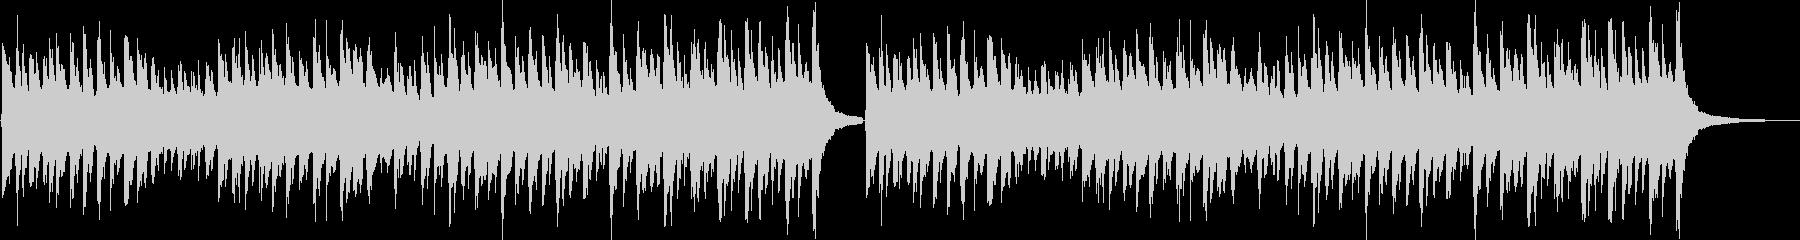 子供向けのコミカルなジングル(ロング)の未再生の波形